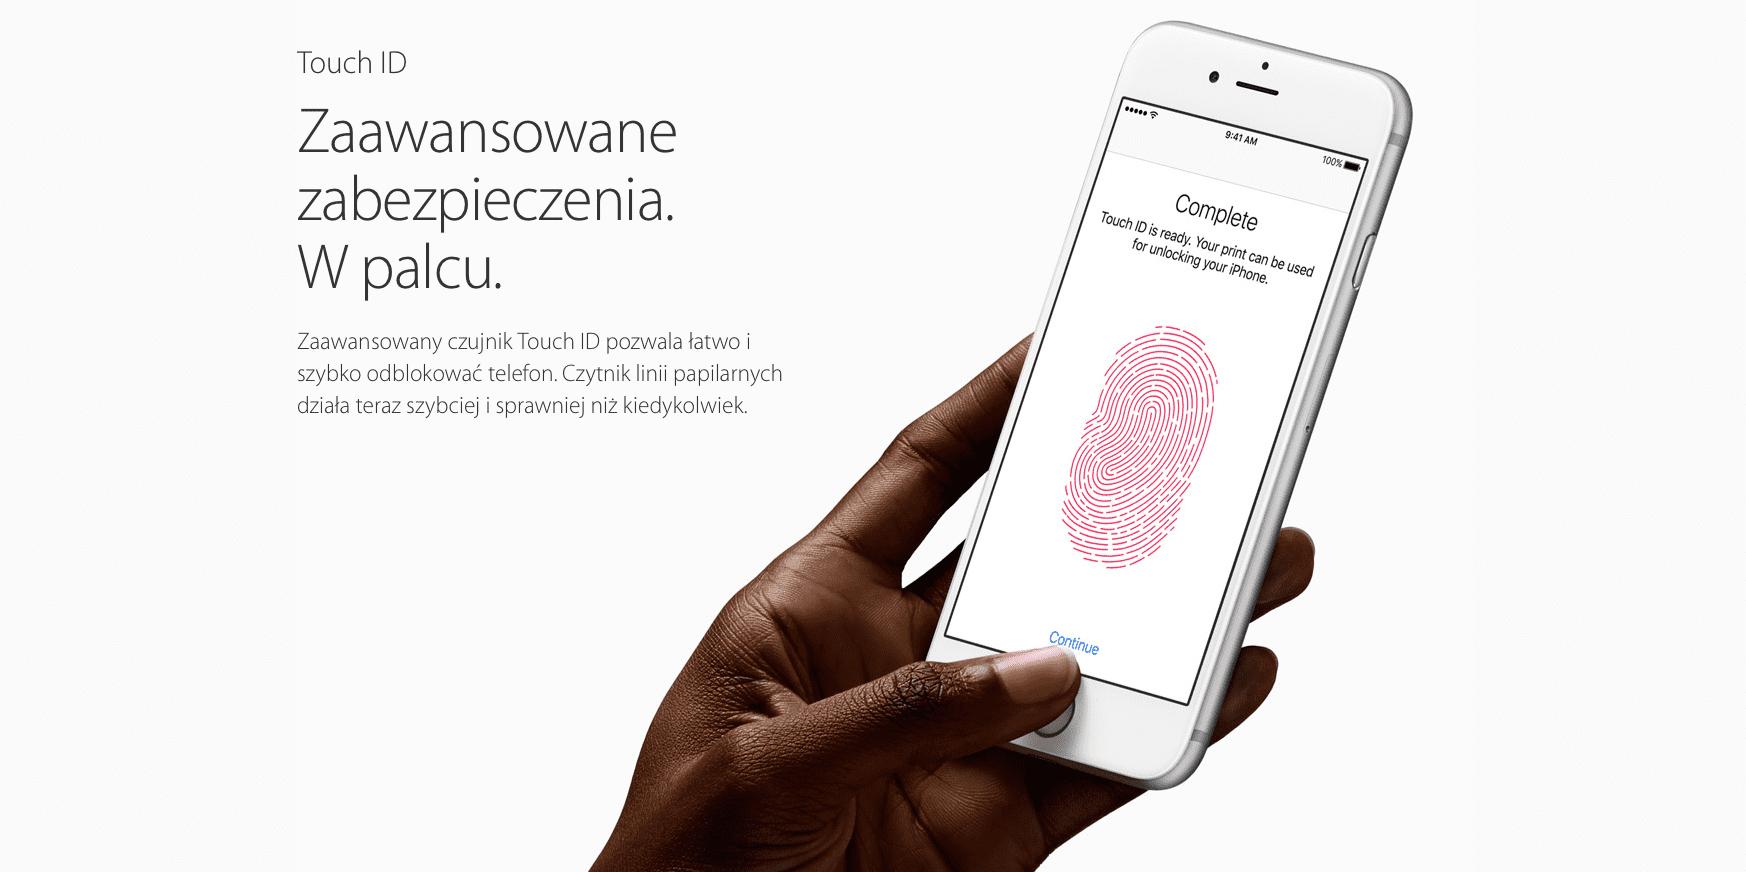 Polska strona Apple uaktualniona - pojawiły się informacje o iPhone 6s polecane, ciekawostki polska strona apple, iPhone 6s w Polsce, iPhone 6s Plus, iPhone 6s, Apple  Po prawie dwóch tygodniach od prezentacji iPhone 6s i iPhone 6s Plus, Polska strona Apple została uaktualniona. Zrzut ekranu 2015 09 24 o 20.29.17